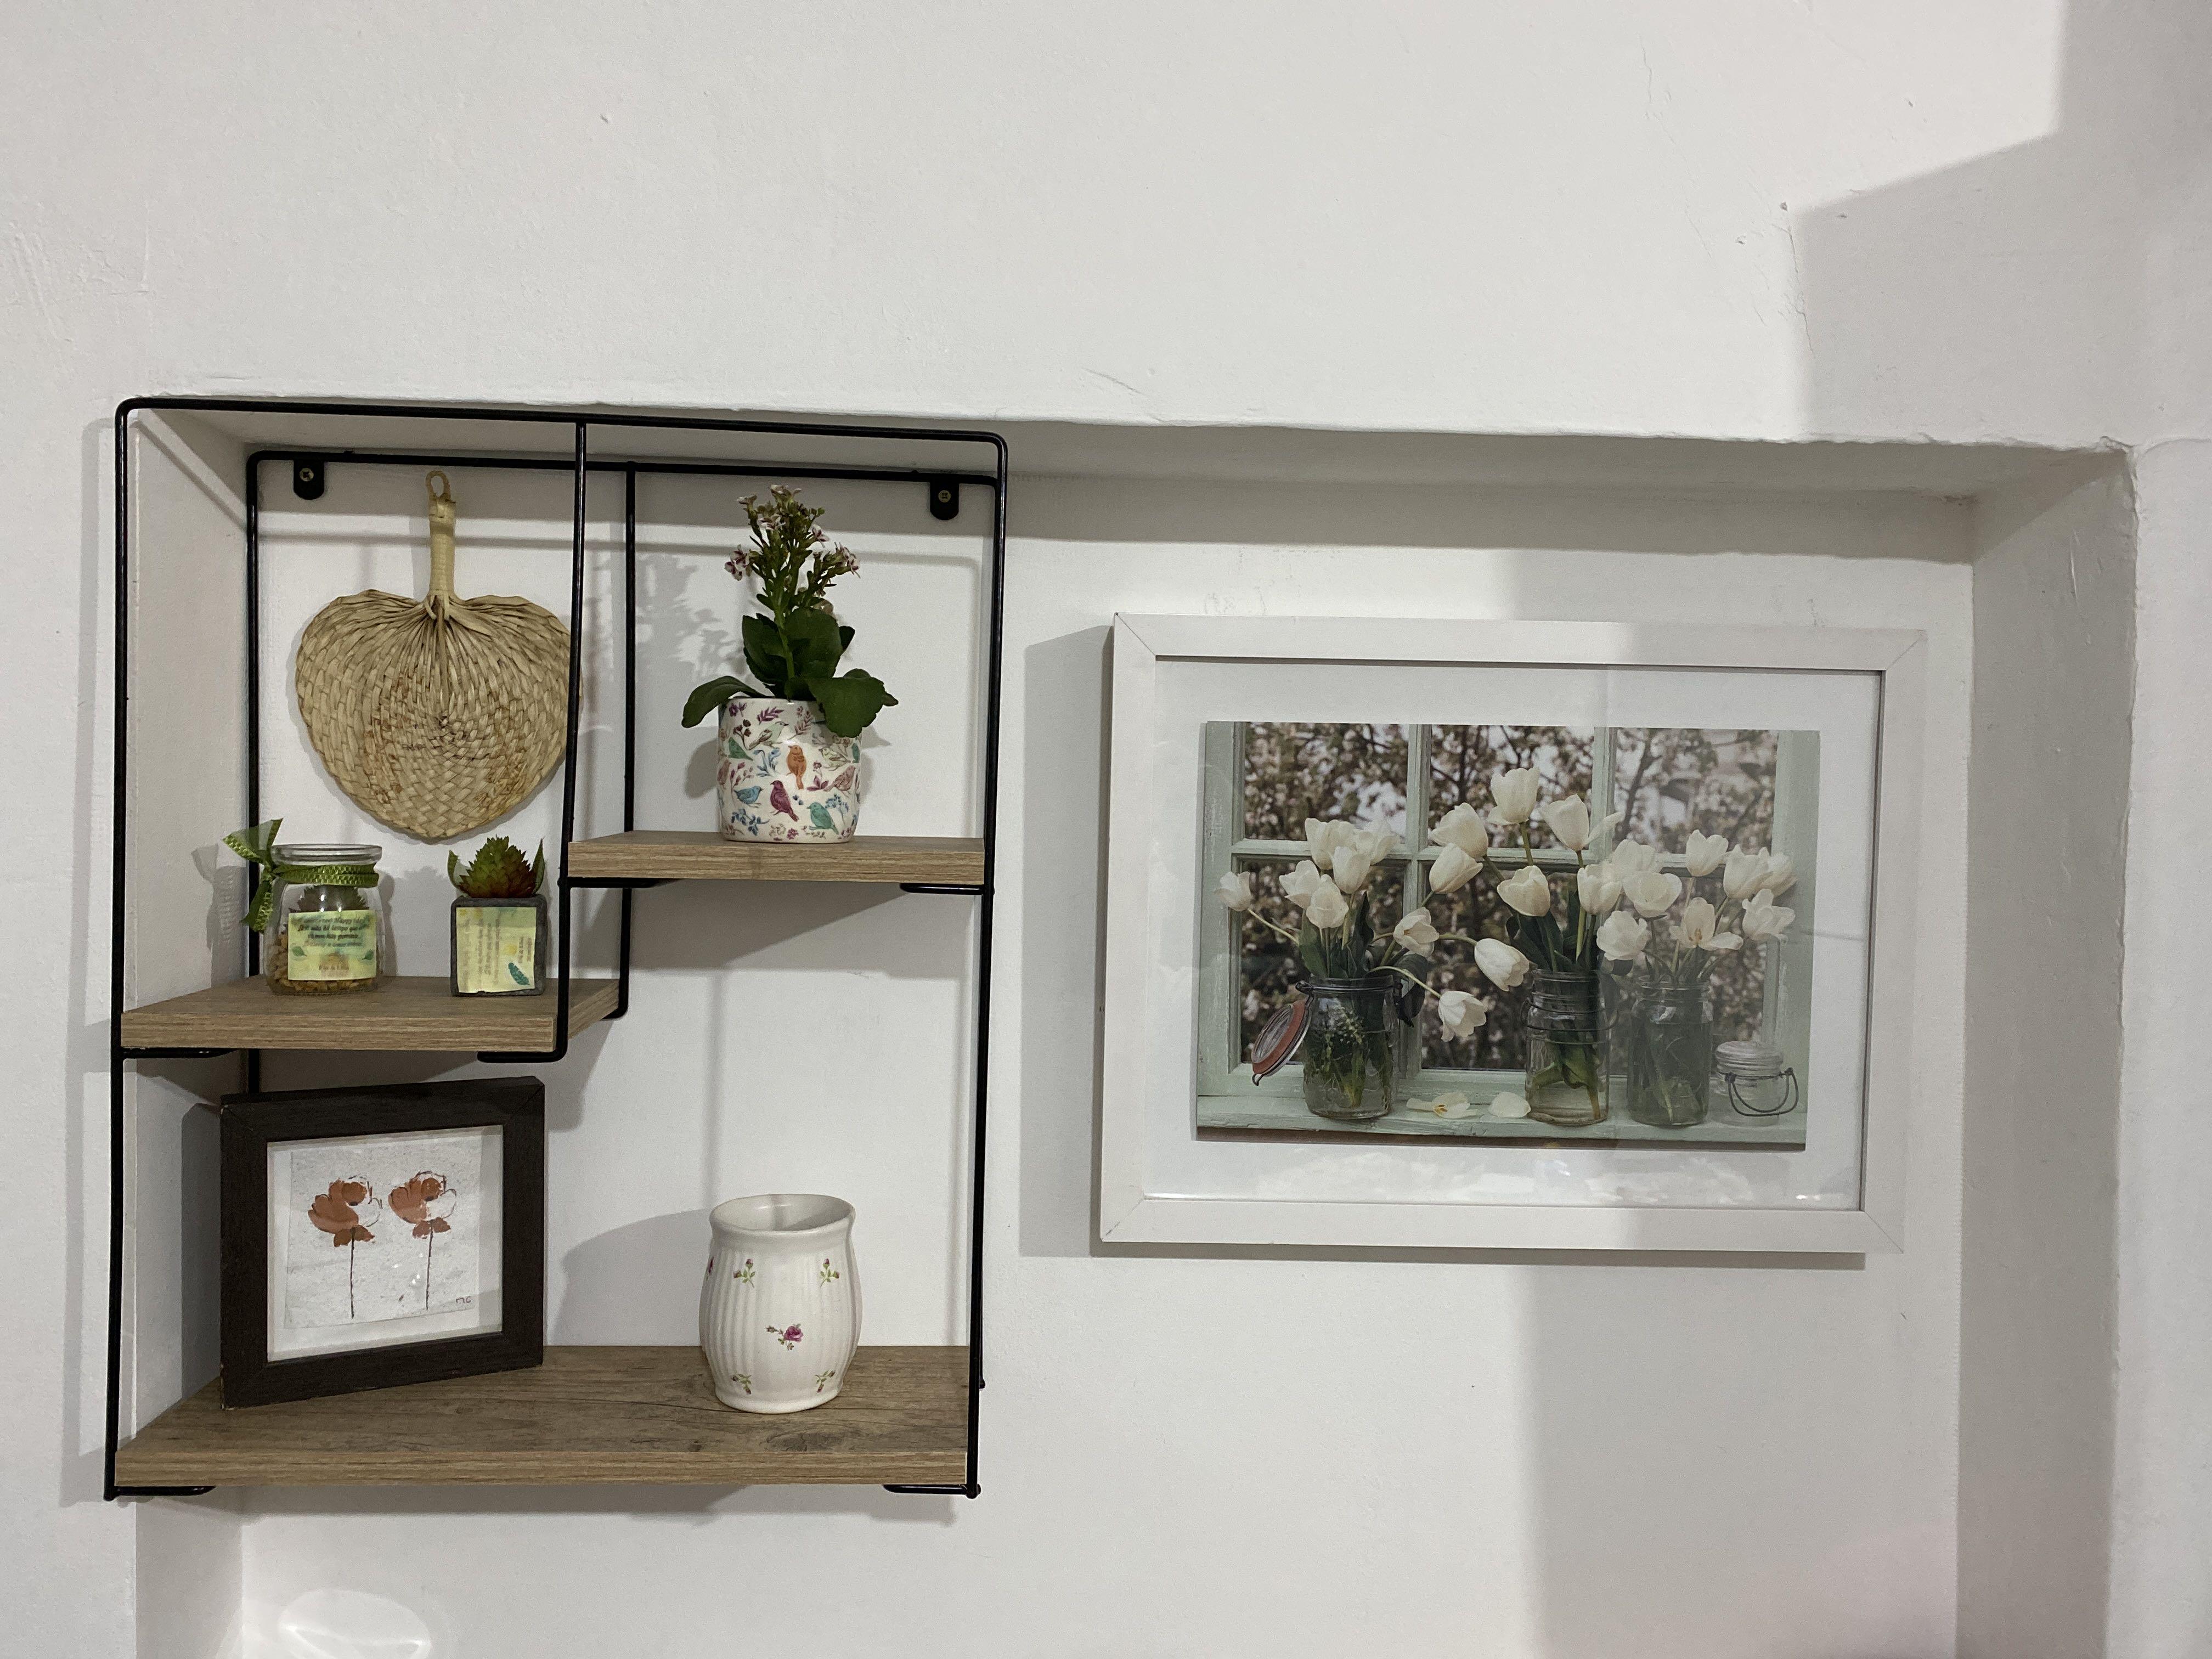 Instalação de nichos, prateleiras e quadros.